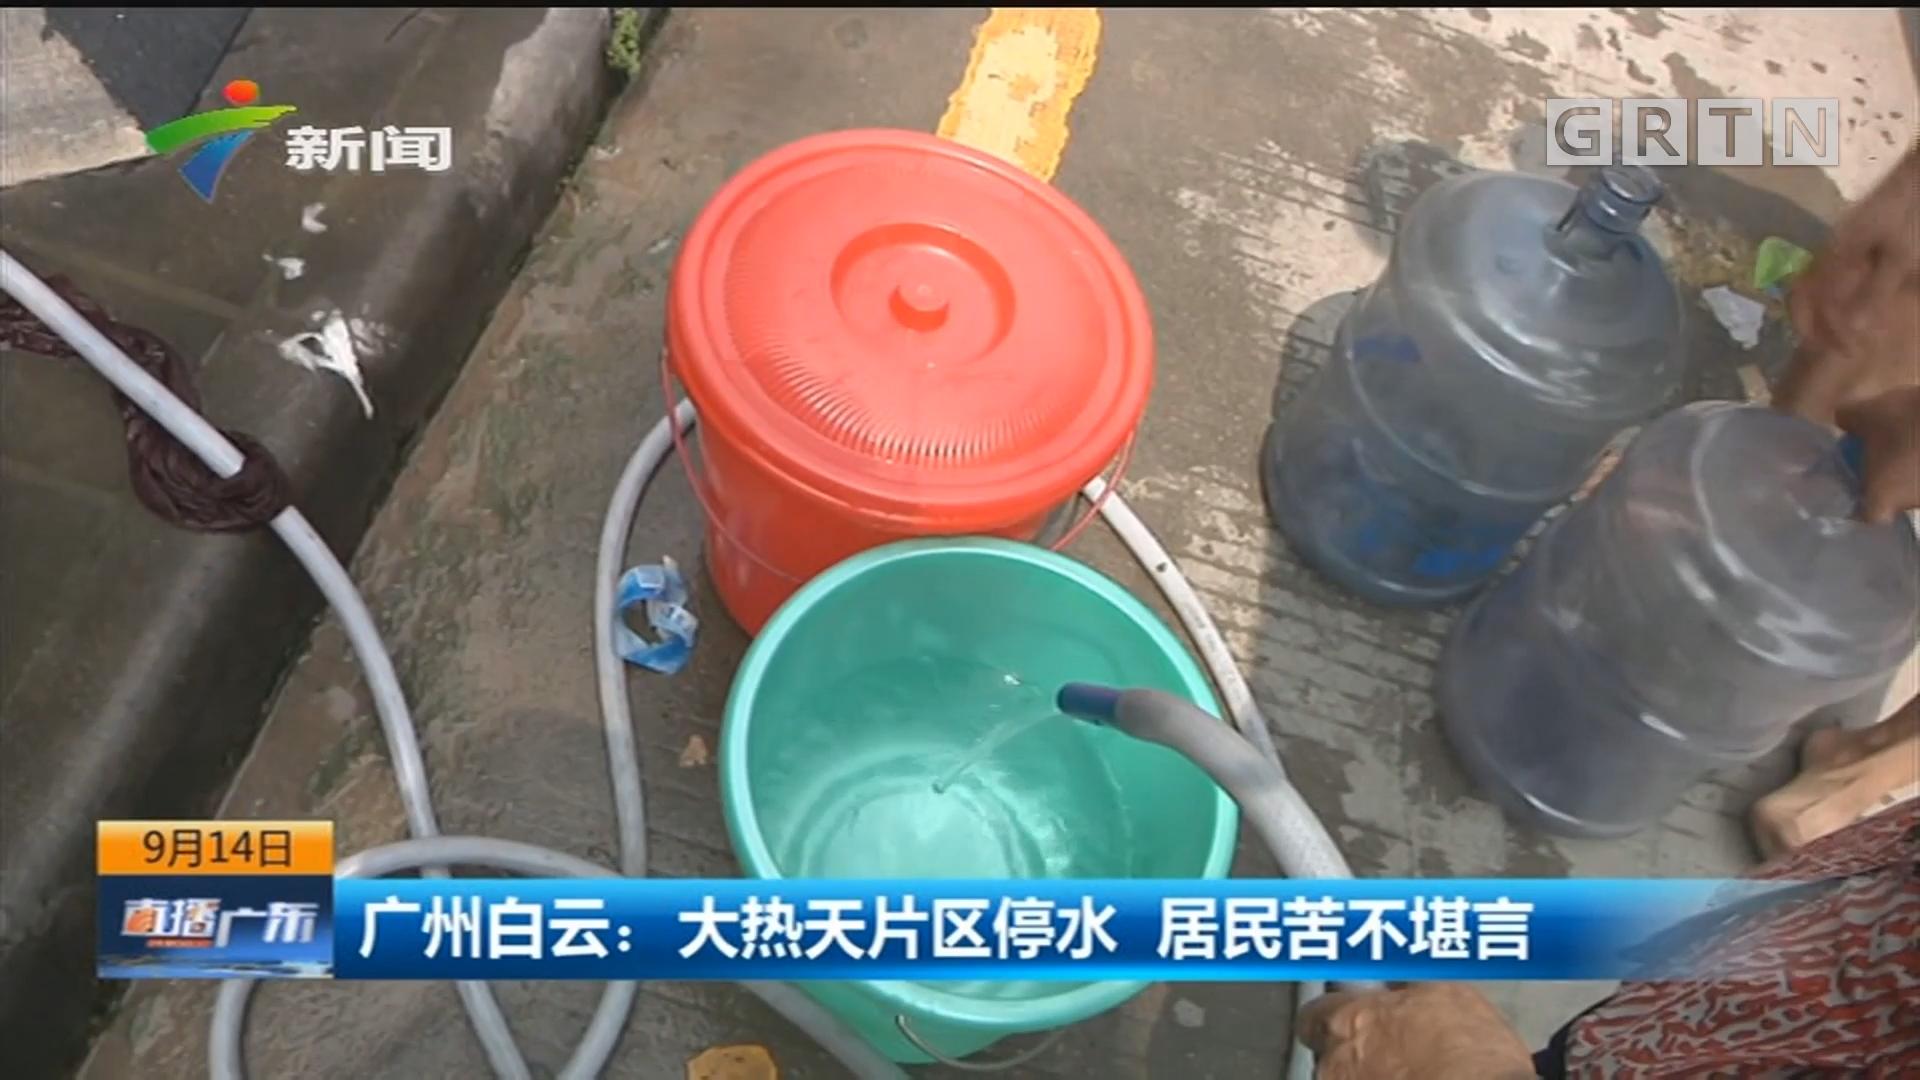 广州白云:大热天片区停水 居民苦不堪言